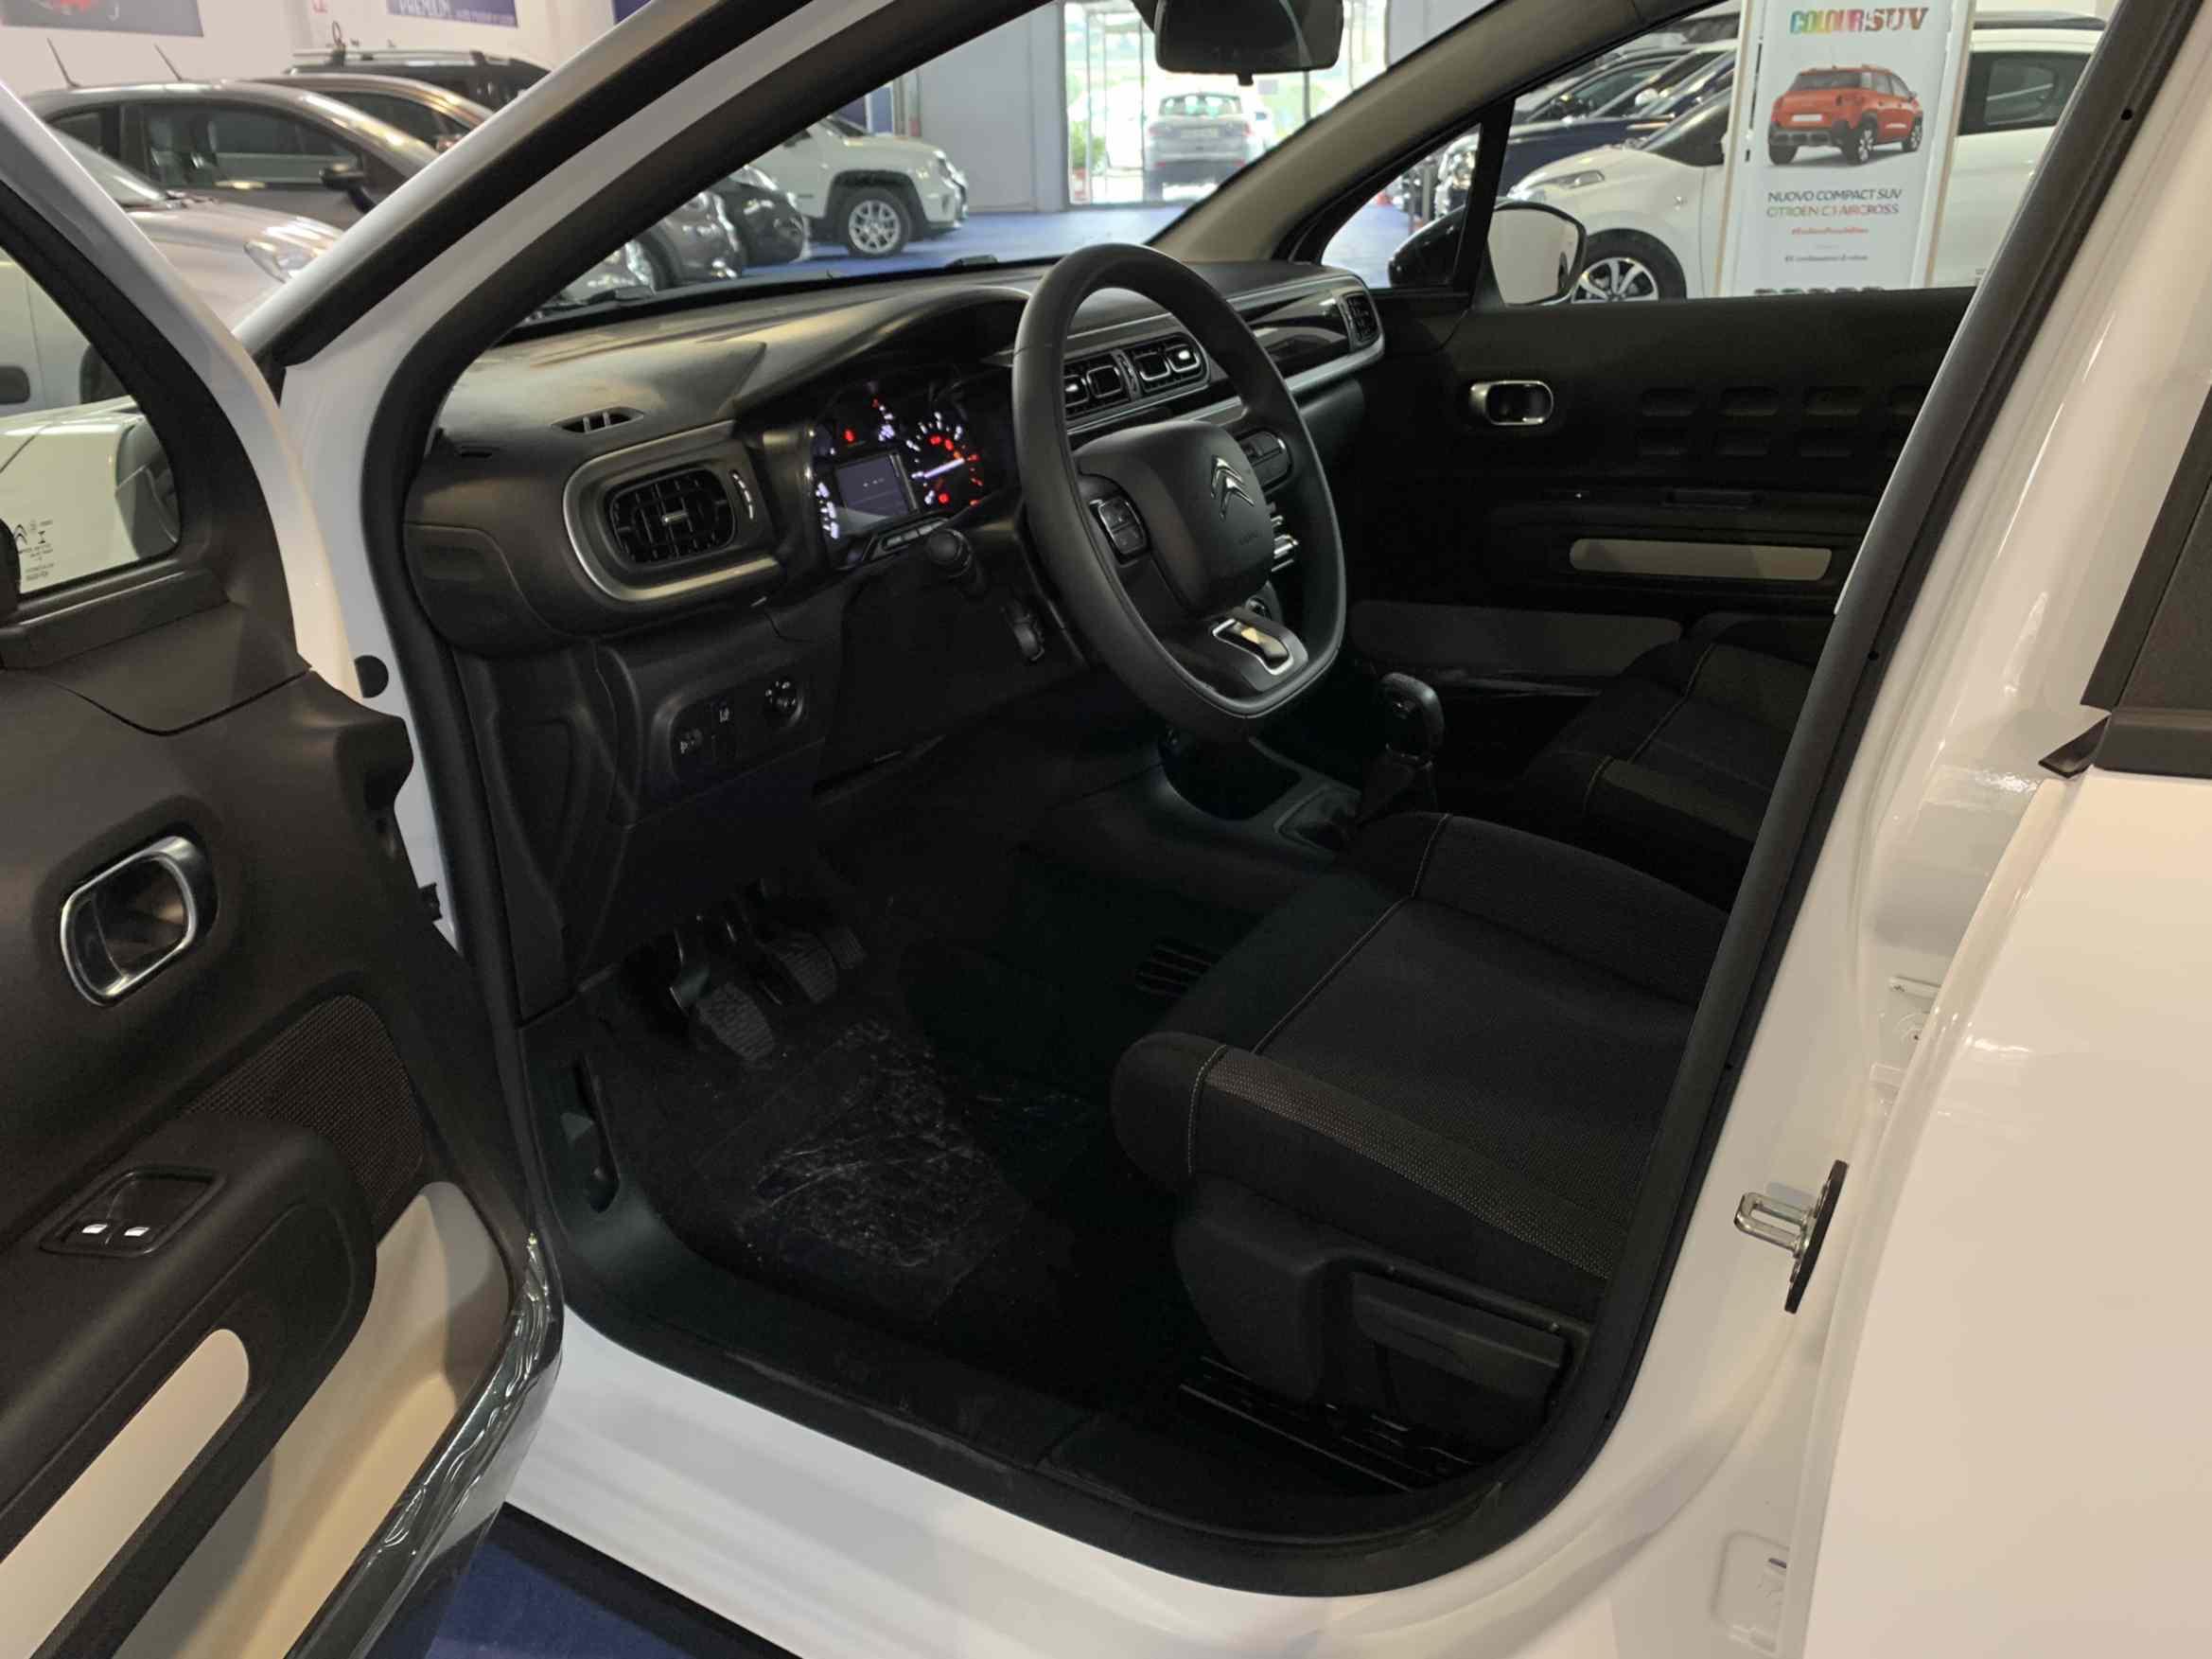 premium_vendita_auto_enna_sicilia_13